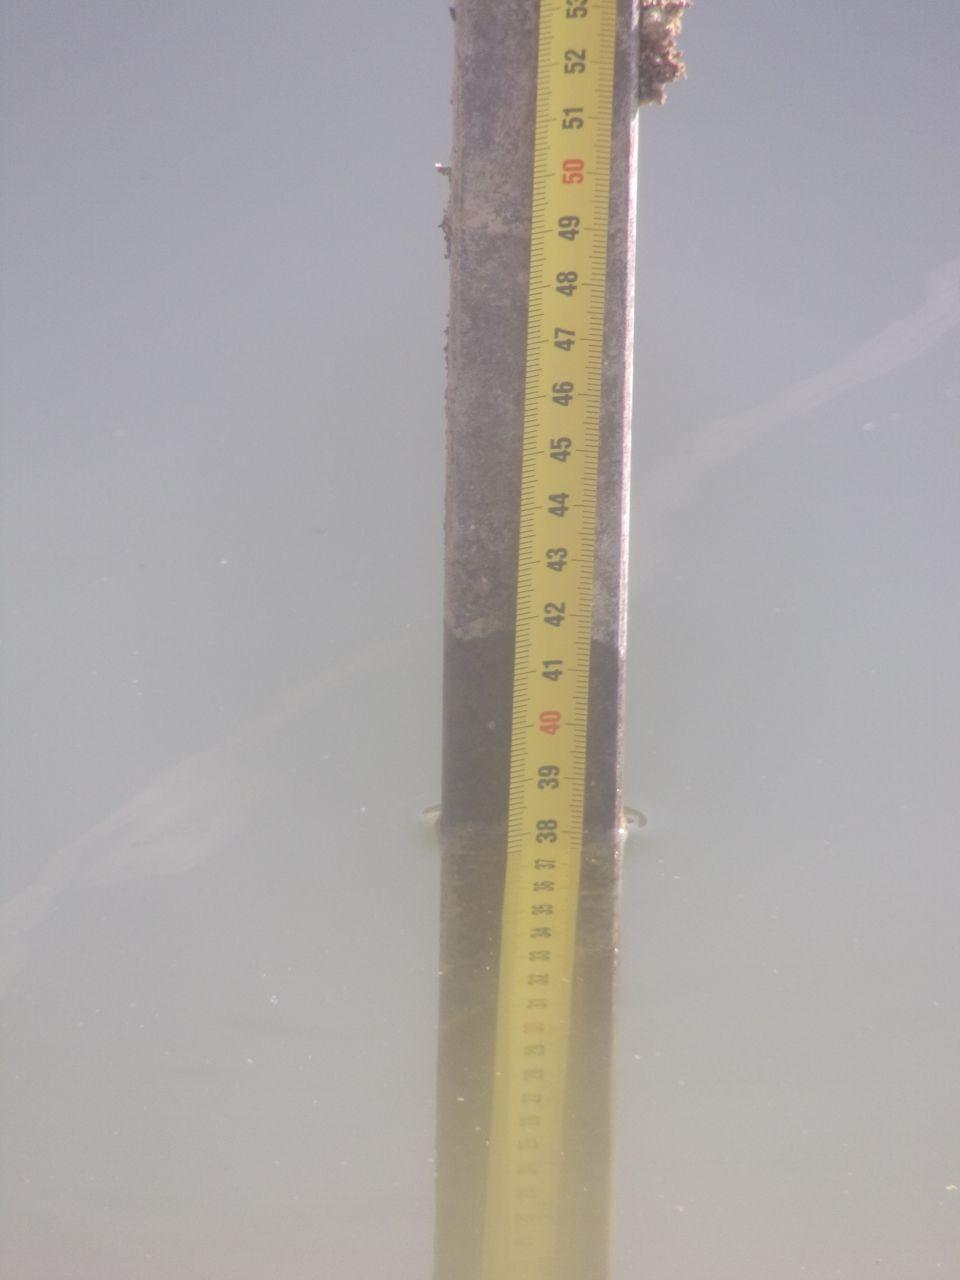 Fondation noyée sous 40 cm d'eau